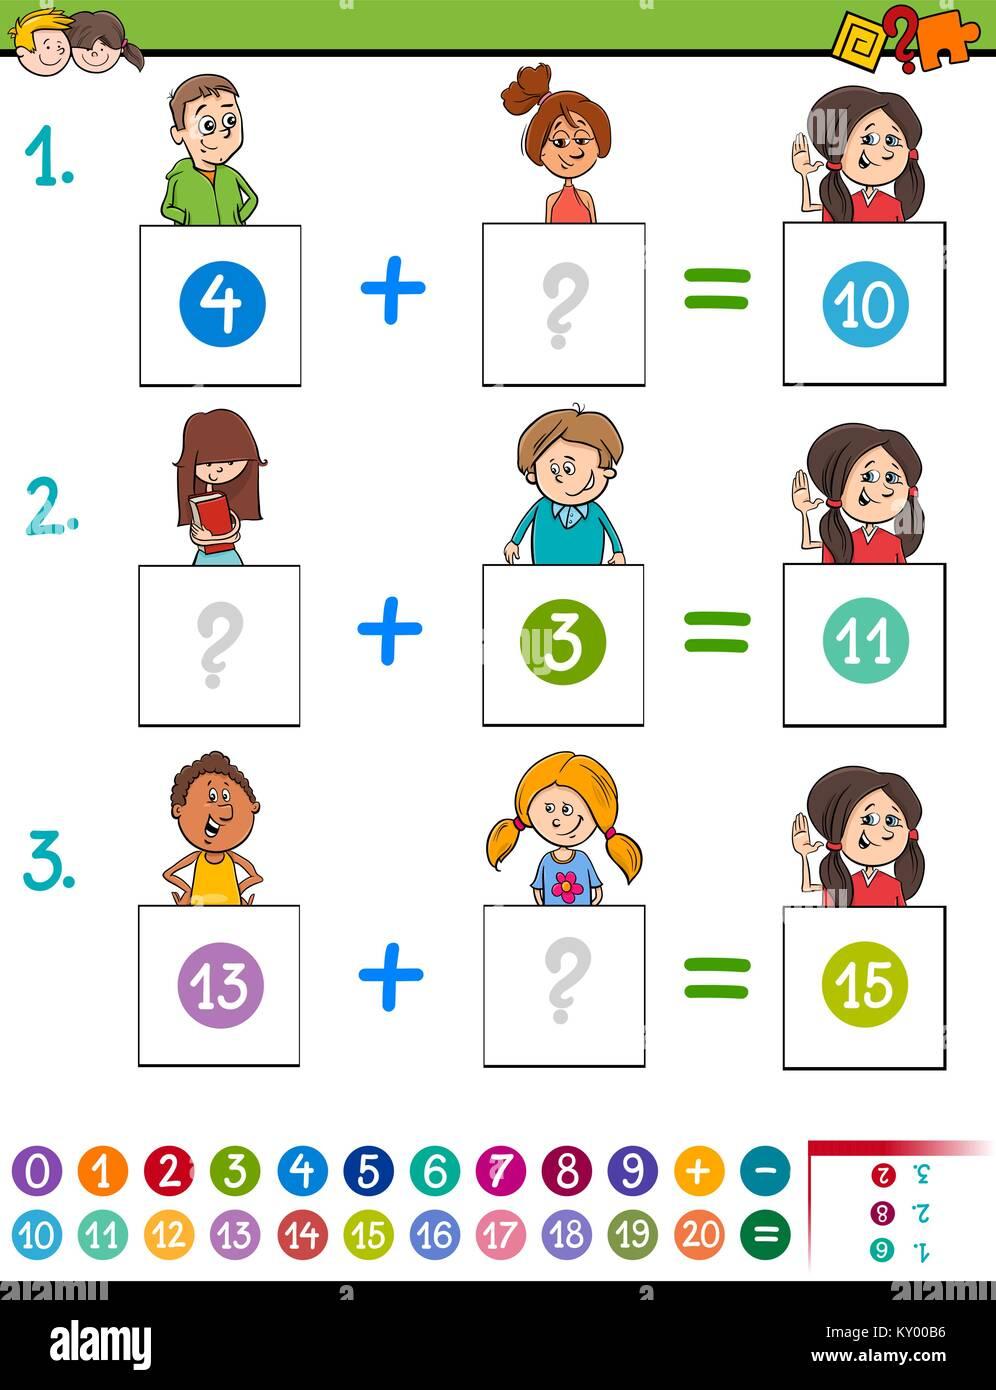 Ilustración De Dibujos Animados De Matemática Educativa Además